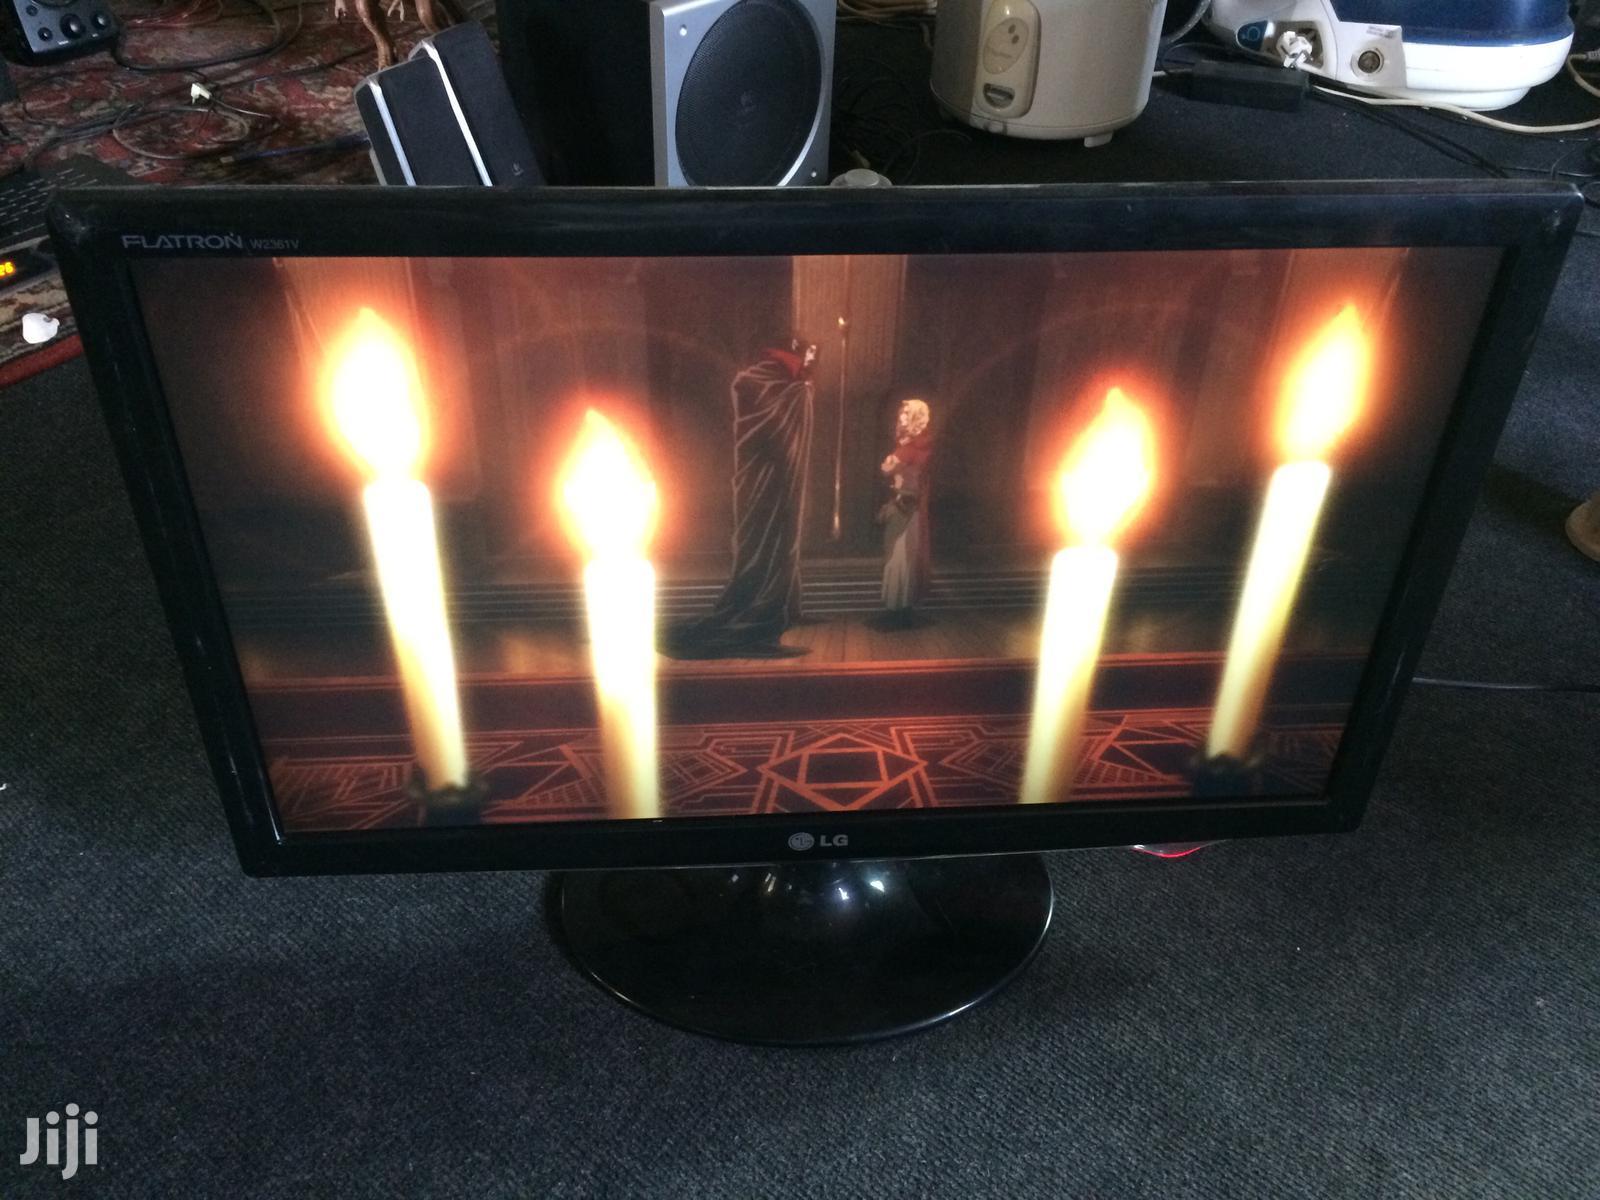 LG Flatron W 2361 V Monitor